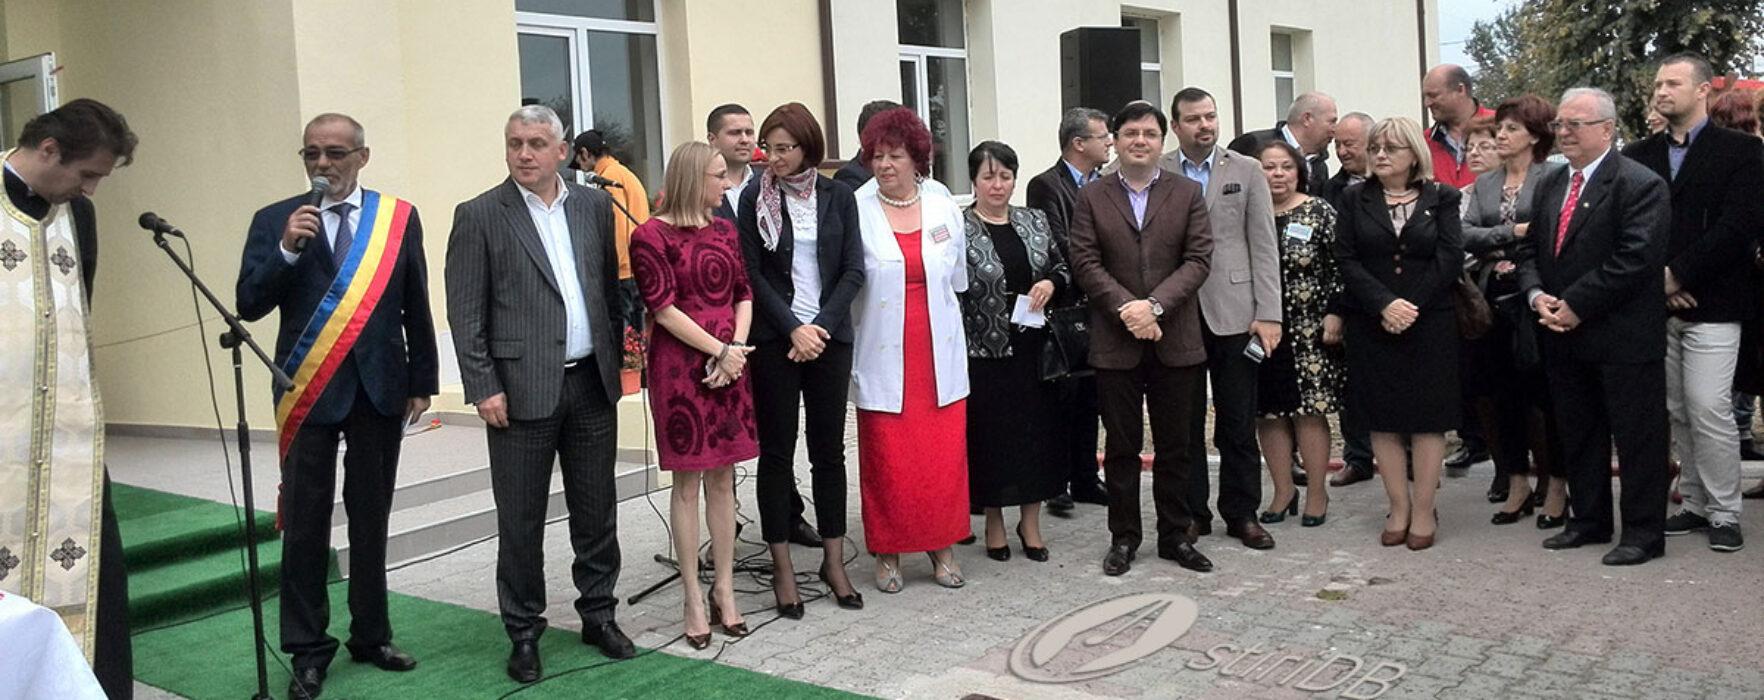 Clădirea ambulatoriului Spitalului Găeşti, inaugurată de ministrul Sănătăţii, Nicolae Bănicioiu